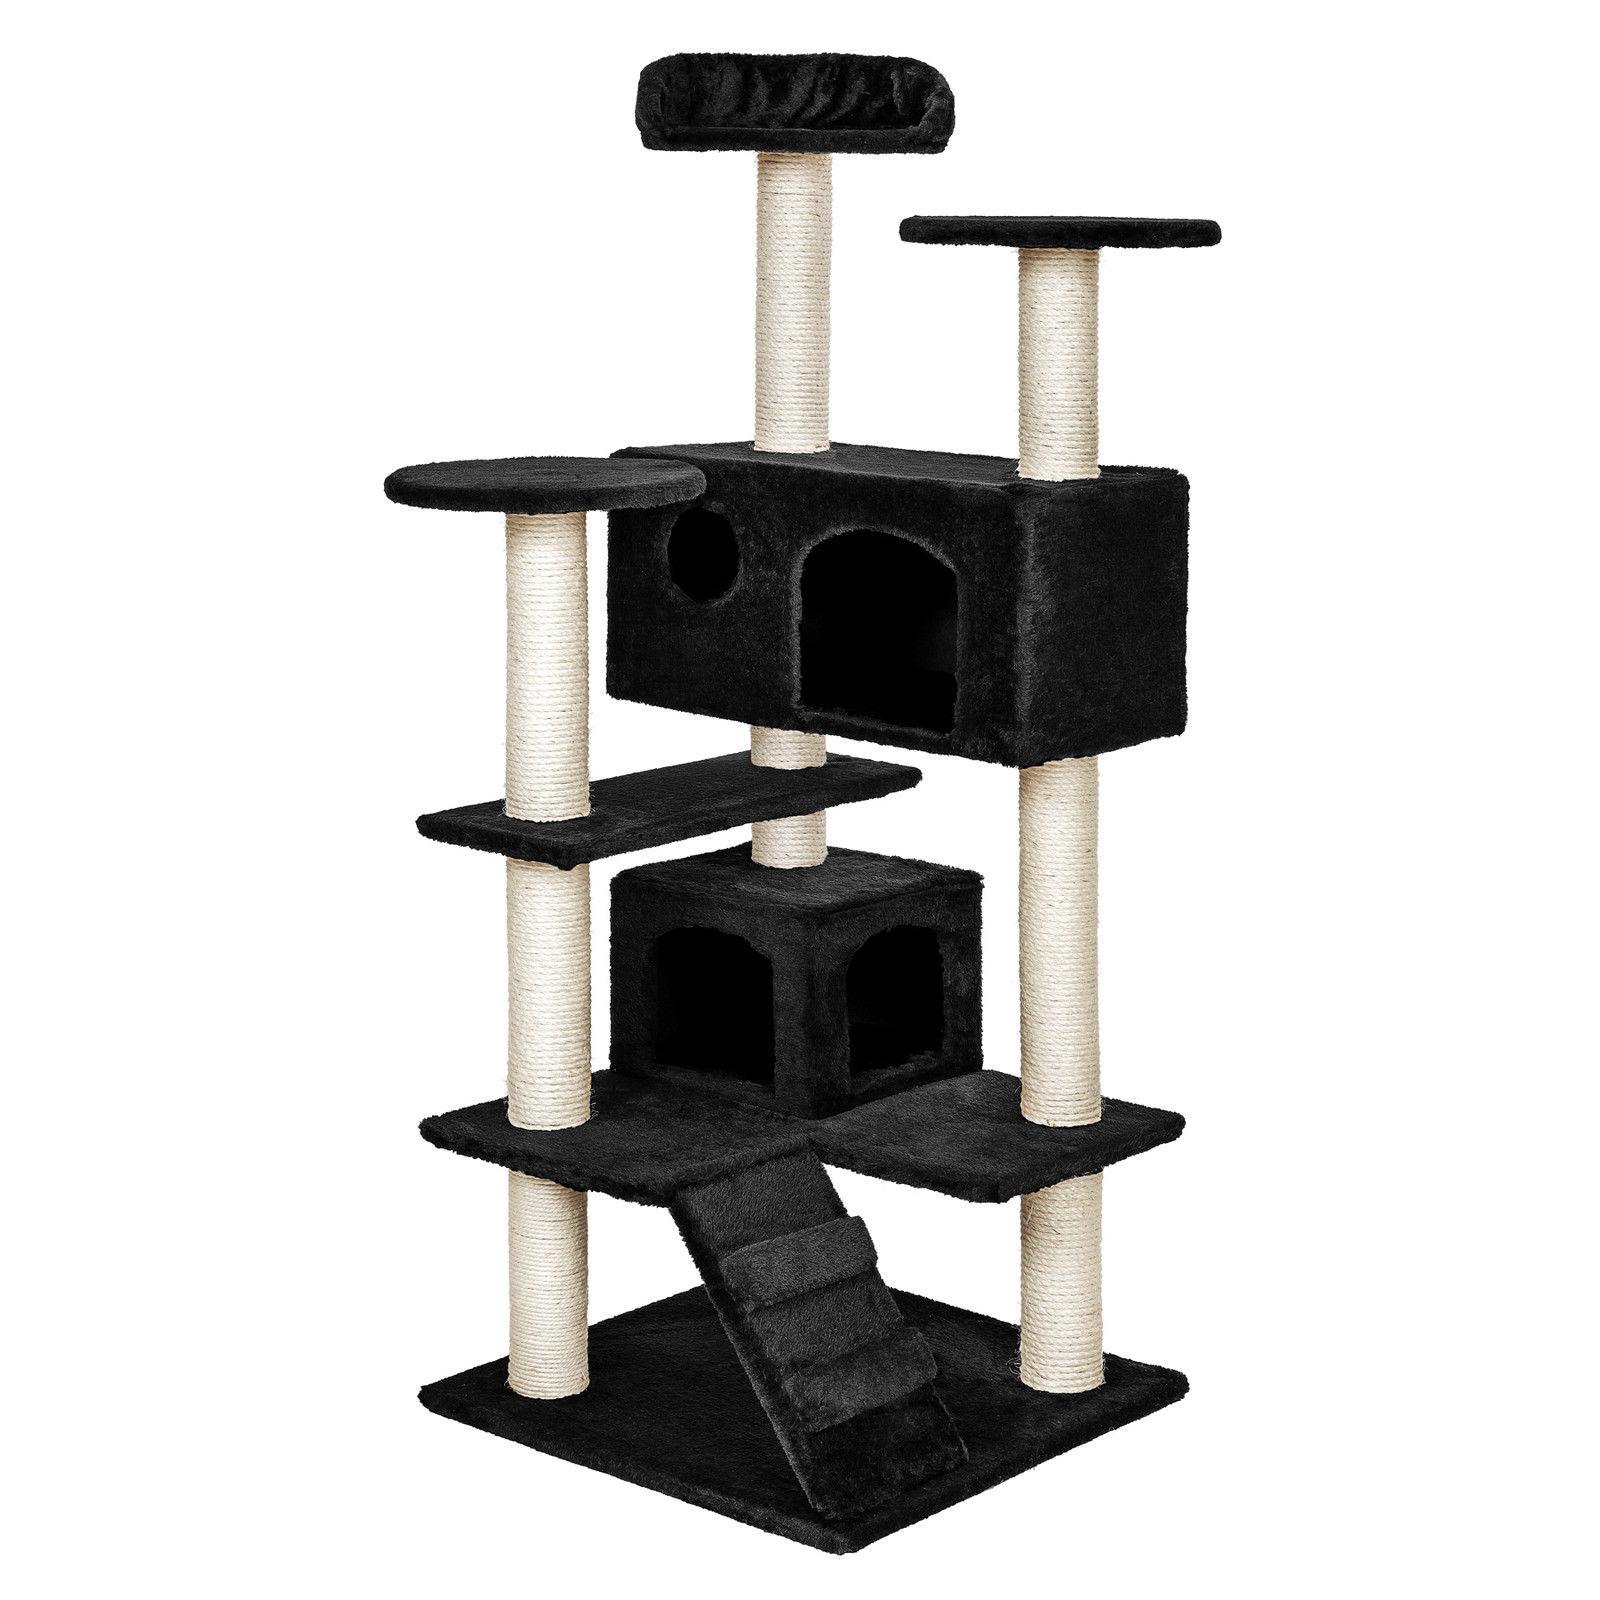 Kočičí škrabadlo XL - černé 131cm vysoké